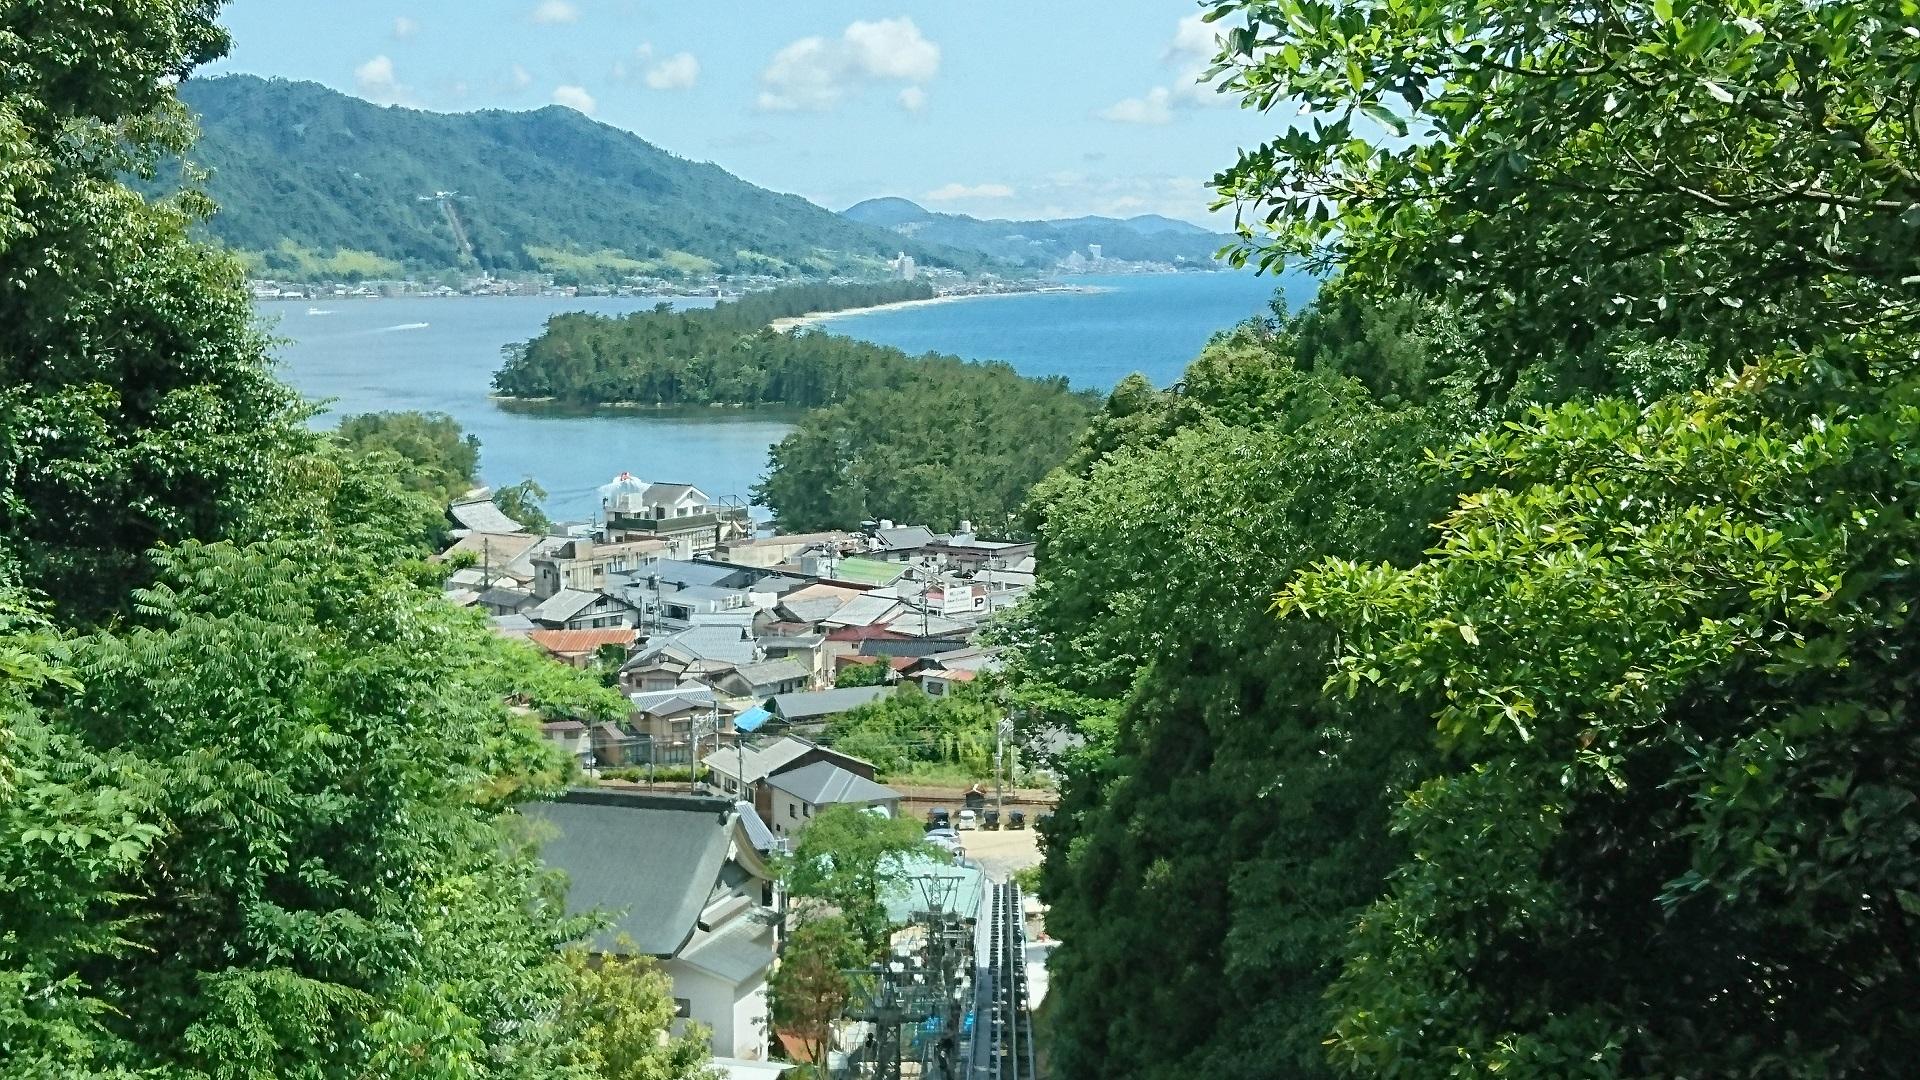 2017.6.4 天橋立 (60) ロープヱー 11 1920-1080